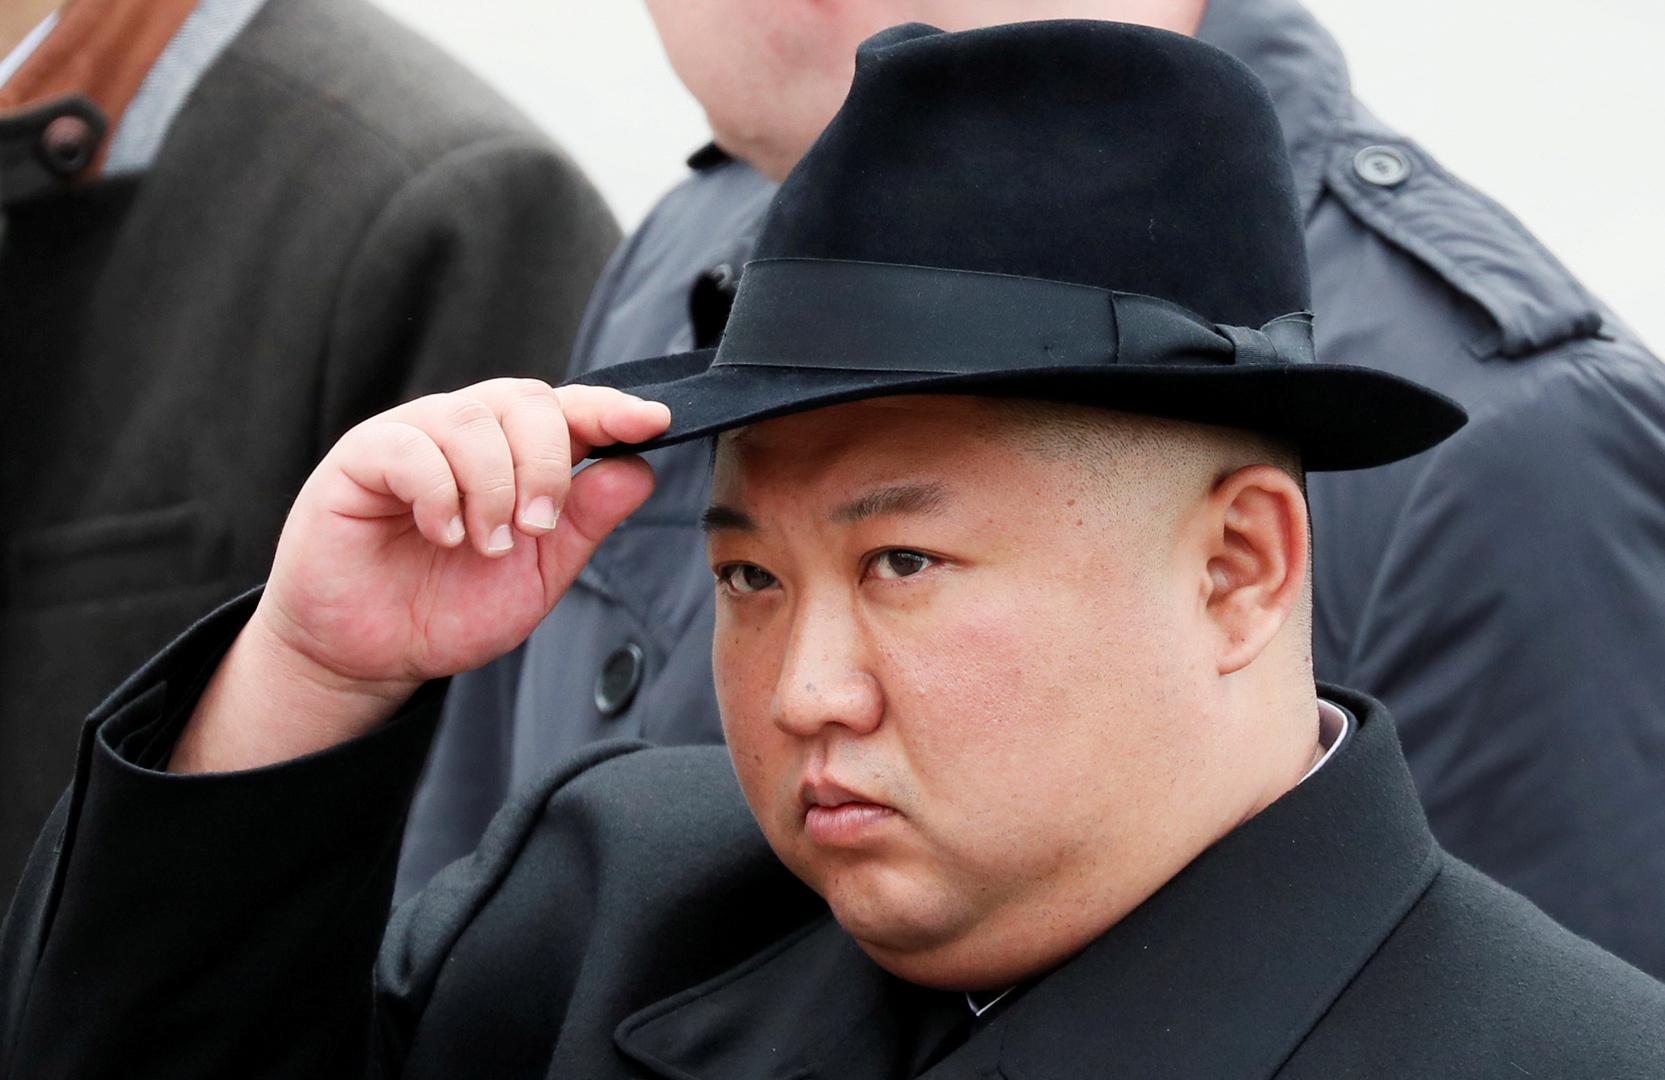 كوريا الشمالية.. أم تواجه السجن بعد أن أنقذت طفليها من حريق وتركت صور